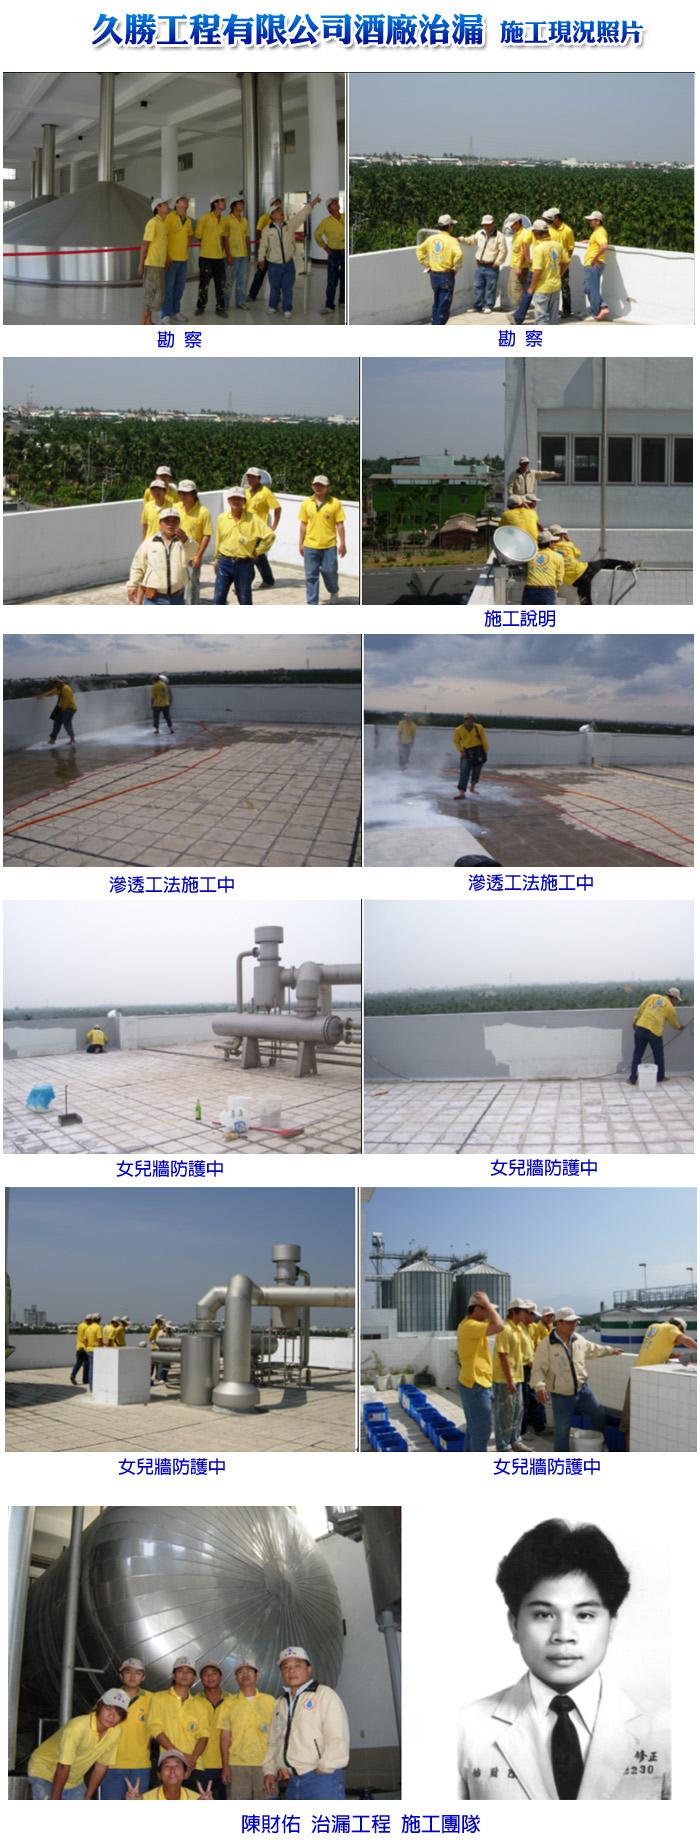 55陳財佑治漏技研 非破壞性工法之酒廠治漏.jpg